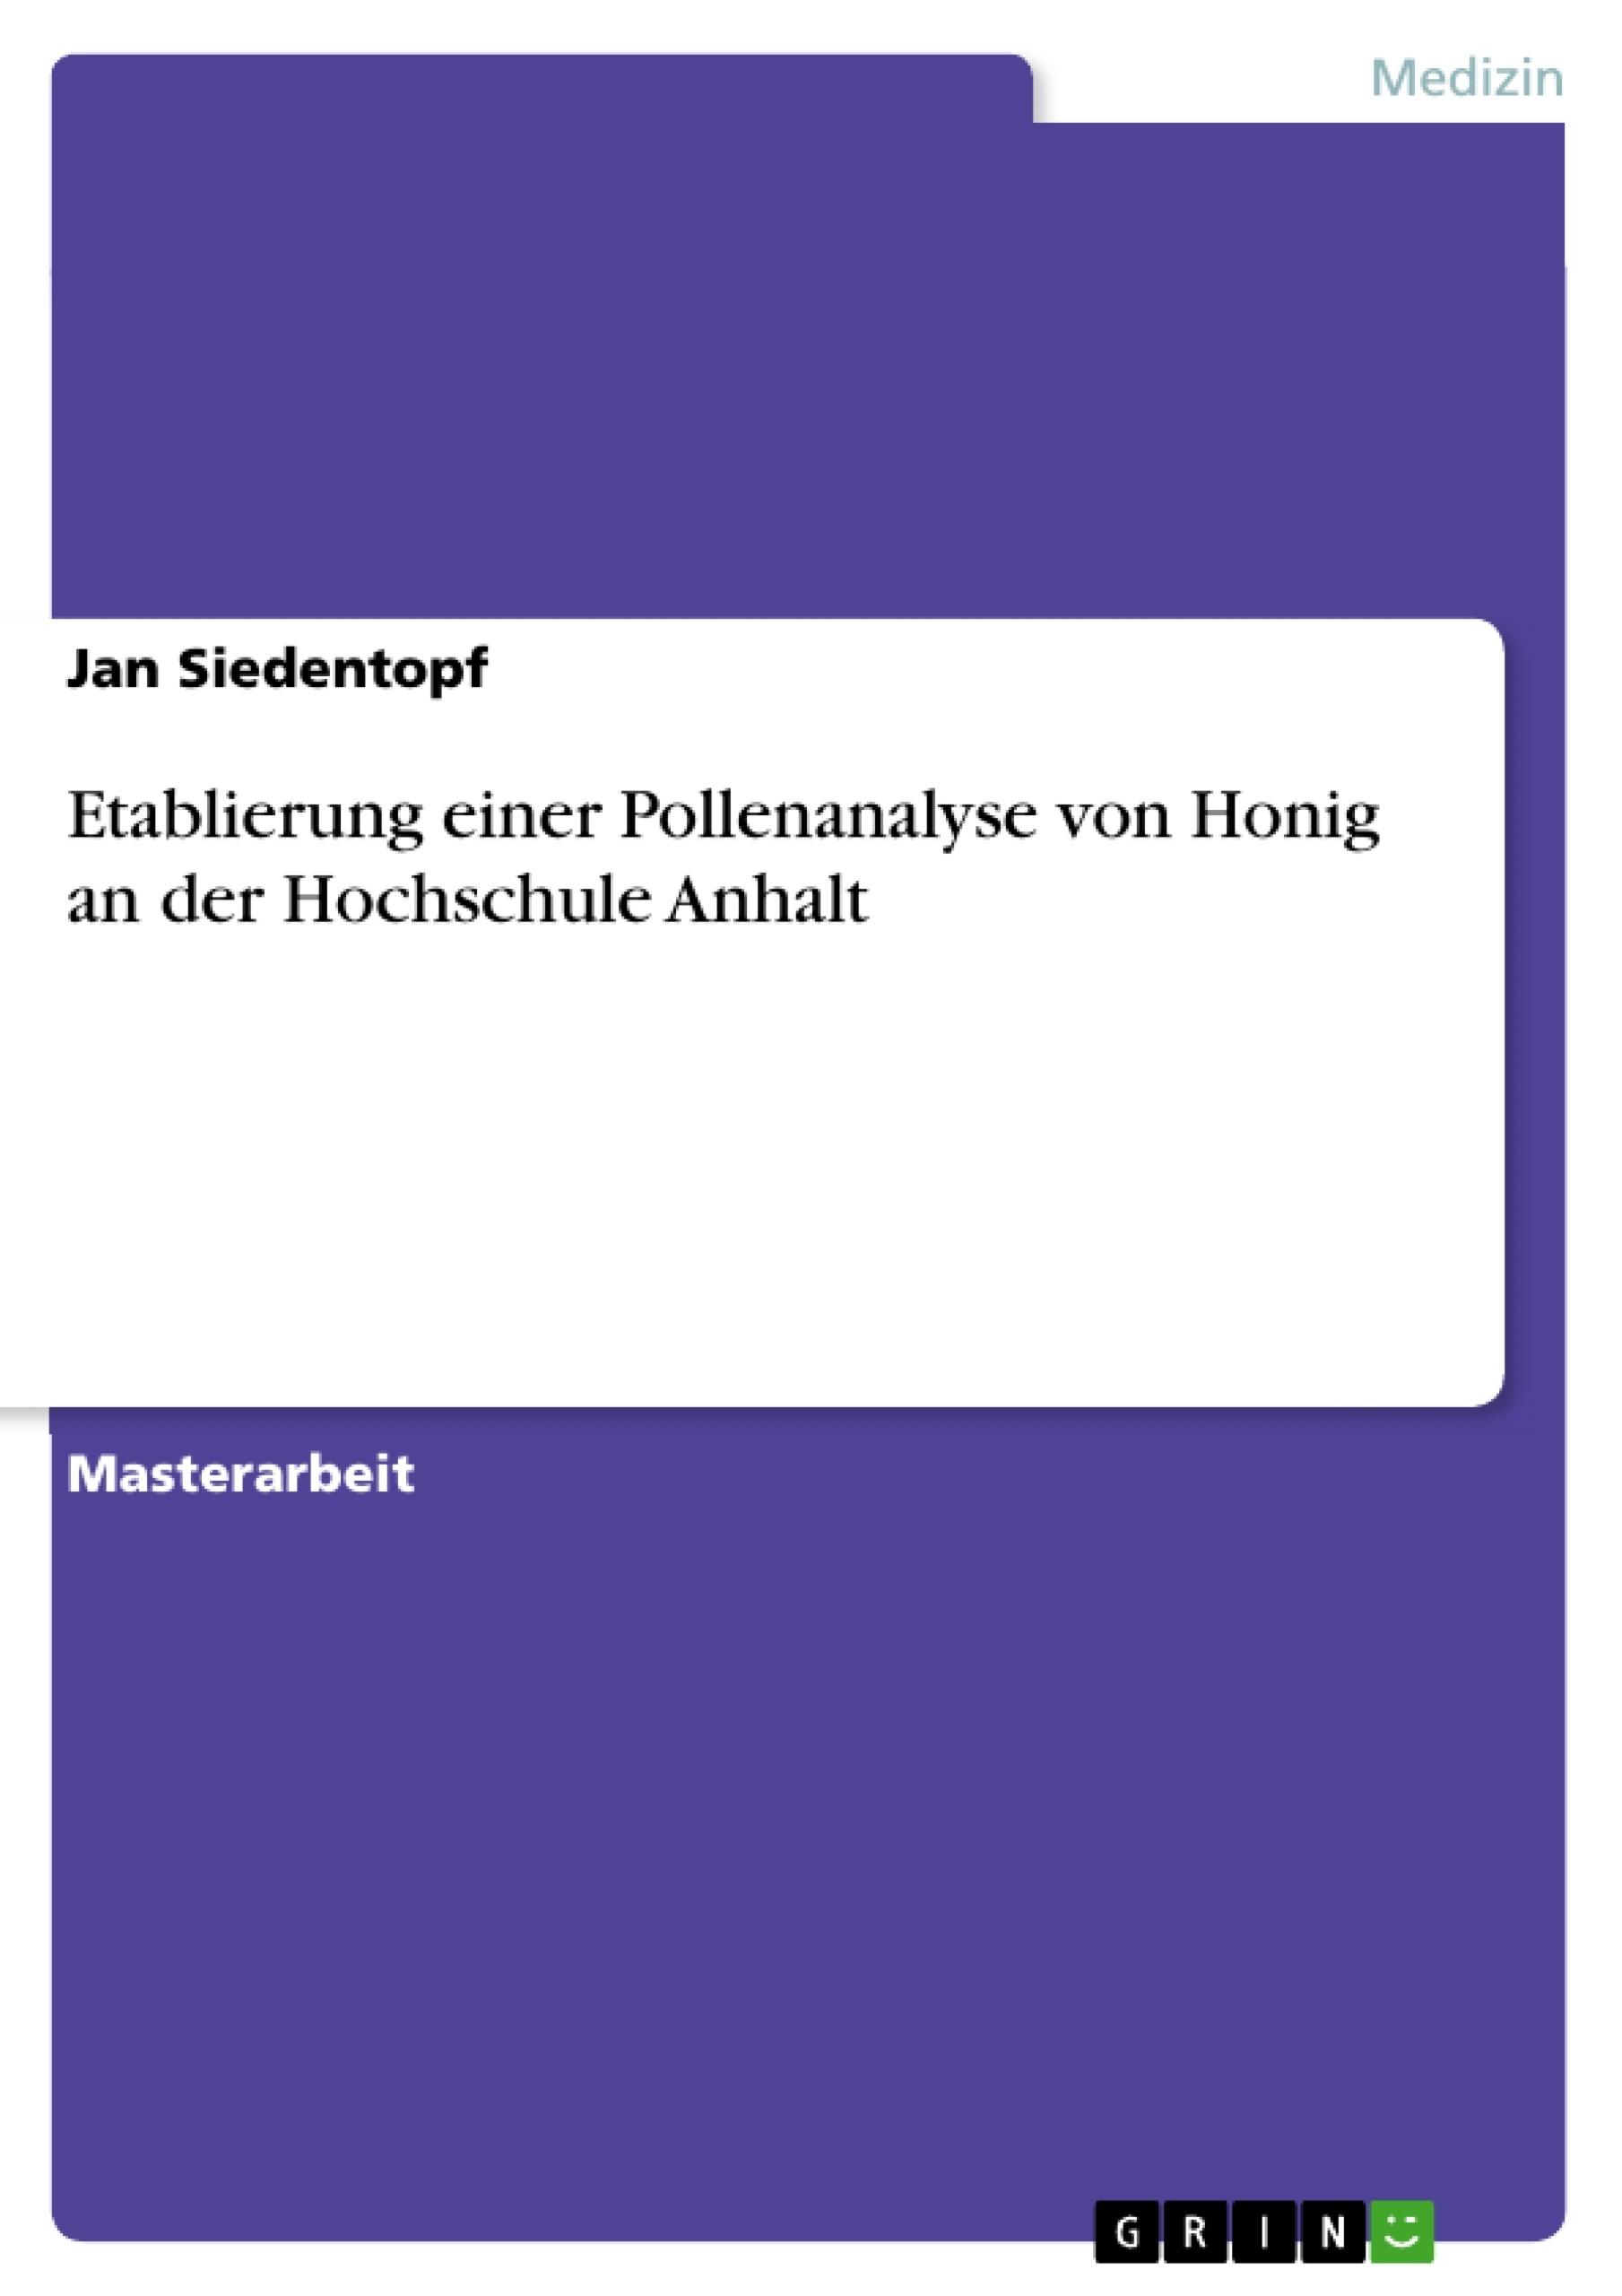 Titel: Etablierung einer Pollenanalyse von Honig an der Hochschule Anhalt